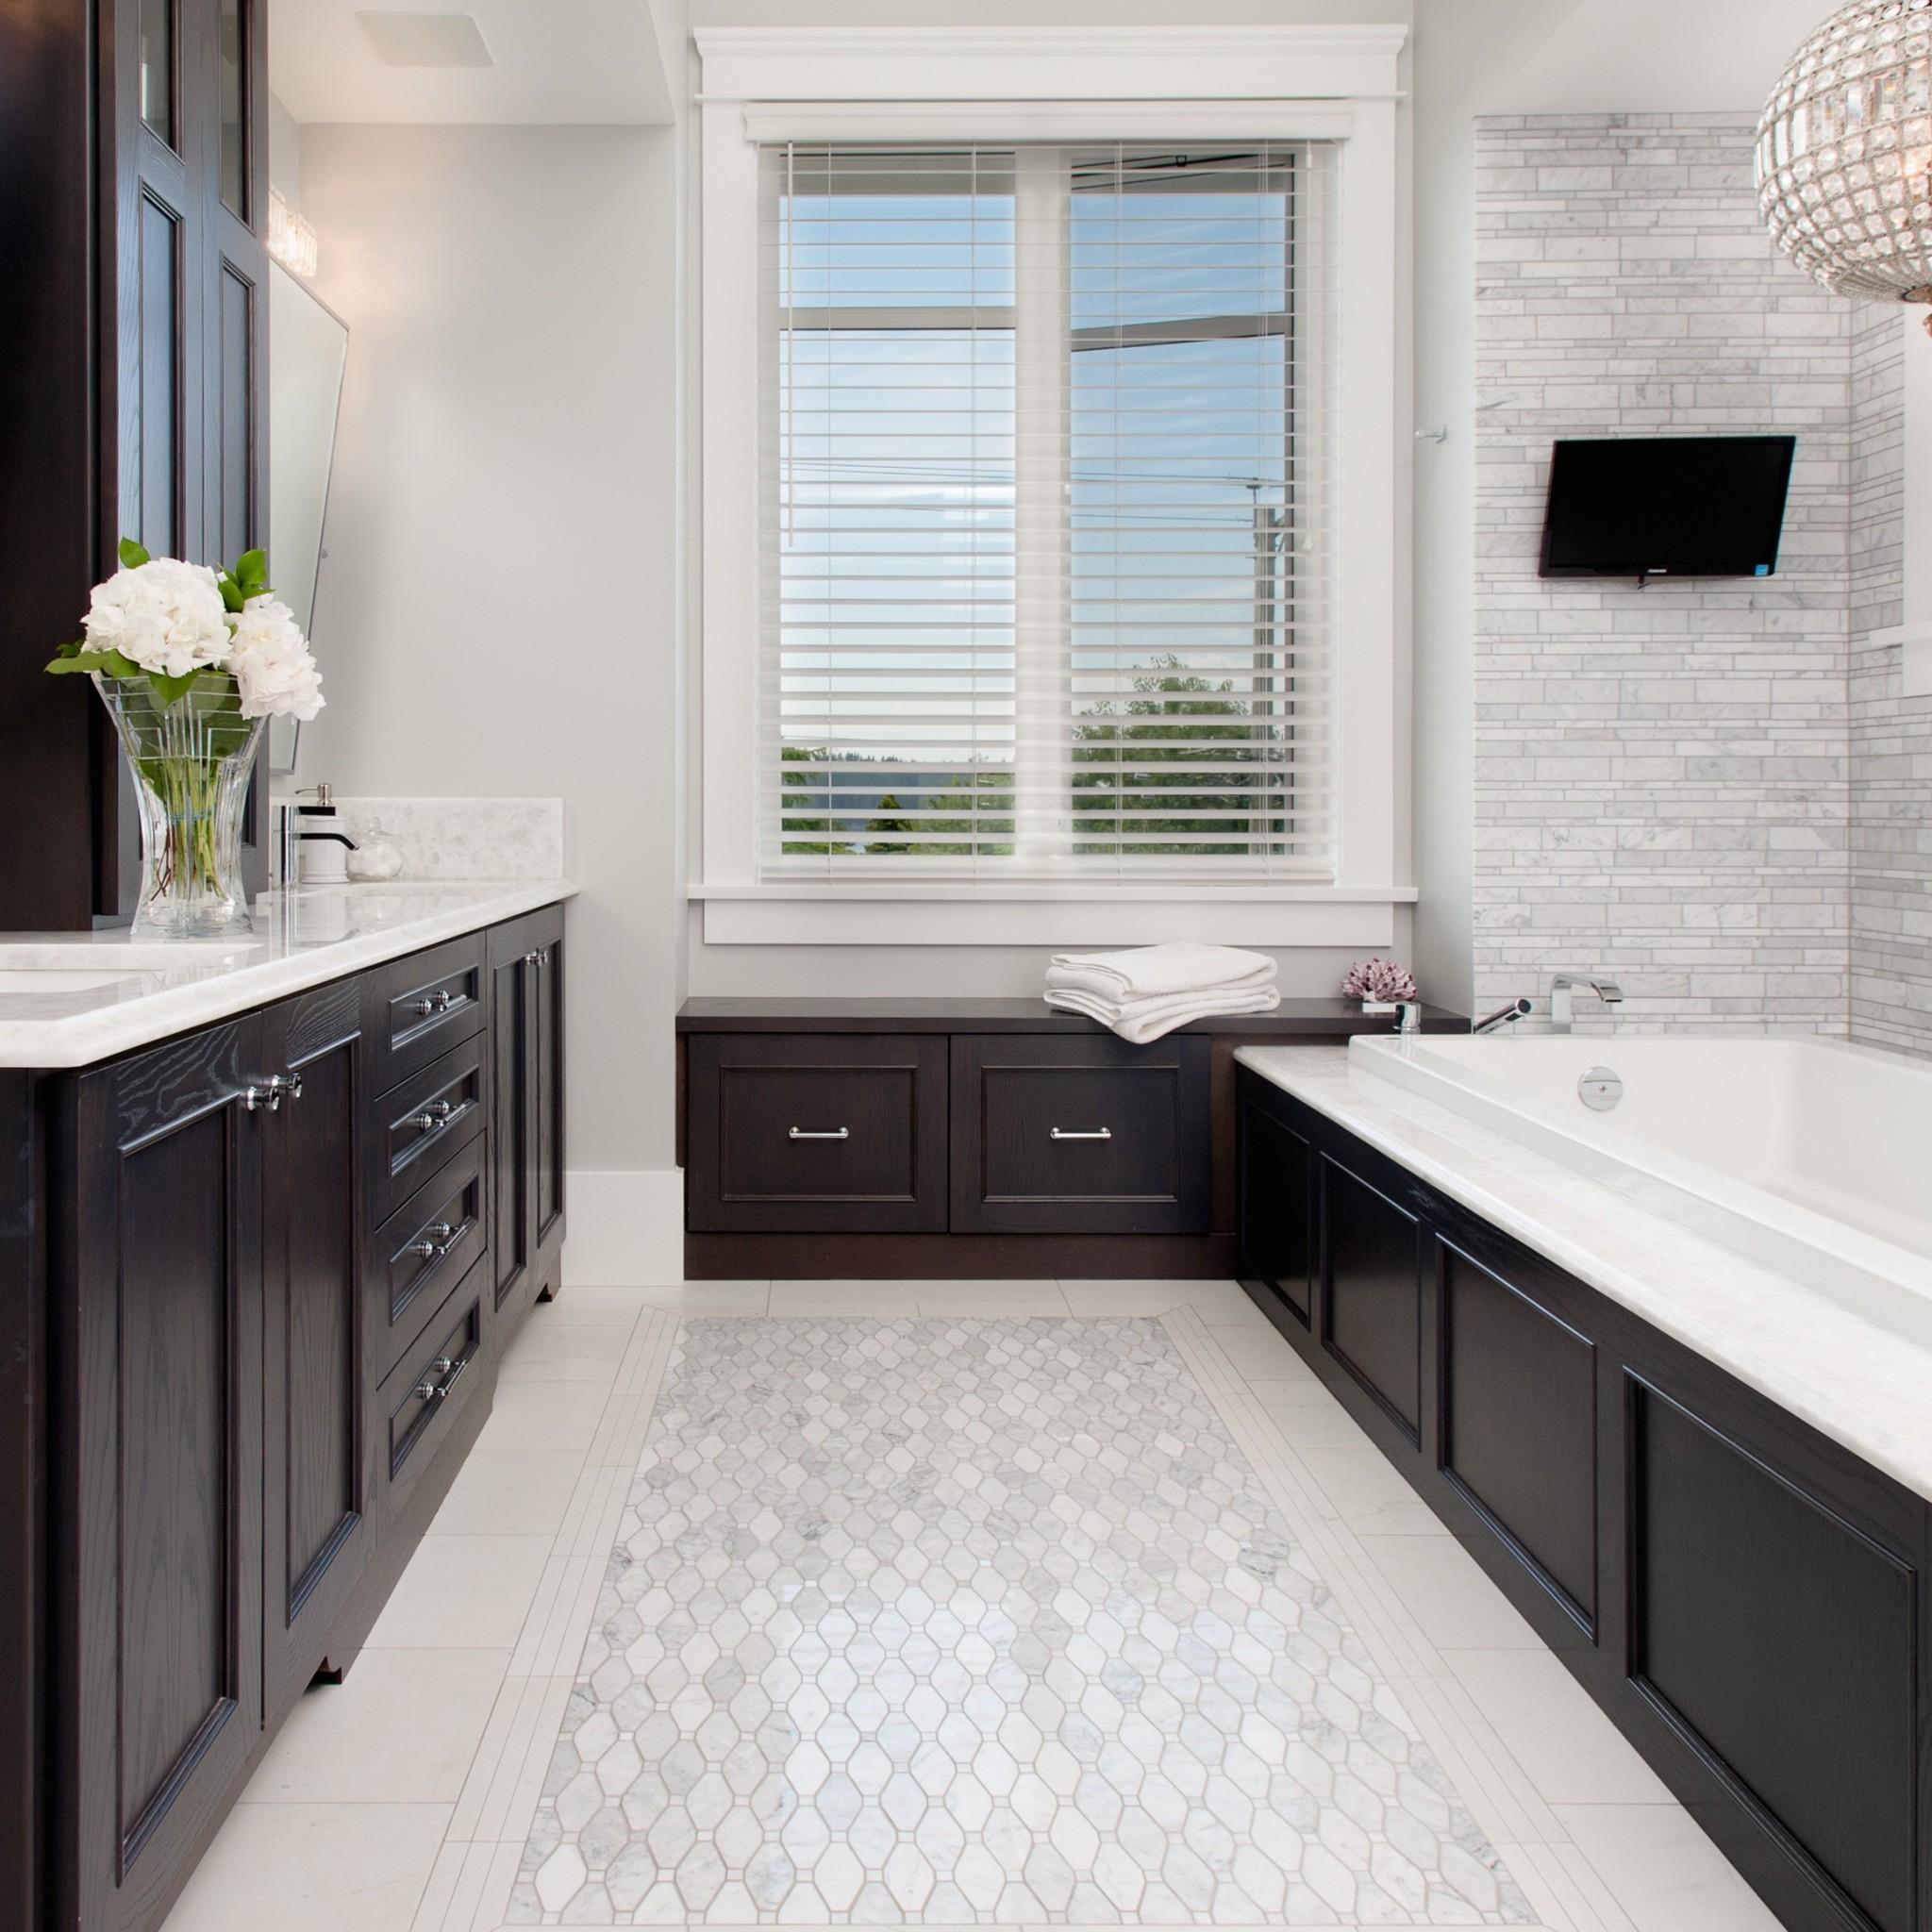 Furniture Design Vancouver h2 design studio – vancouver interior design home - h2 design